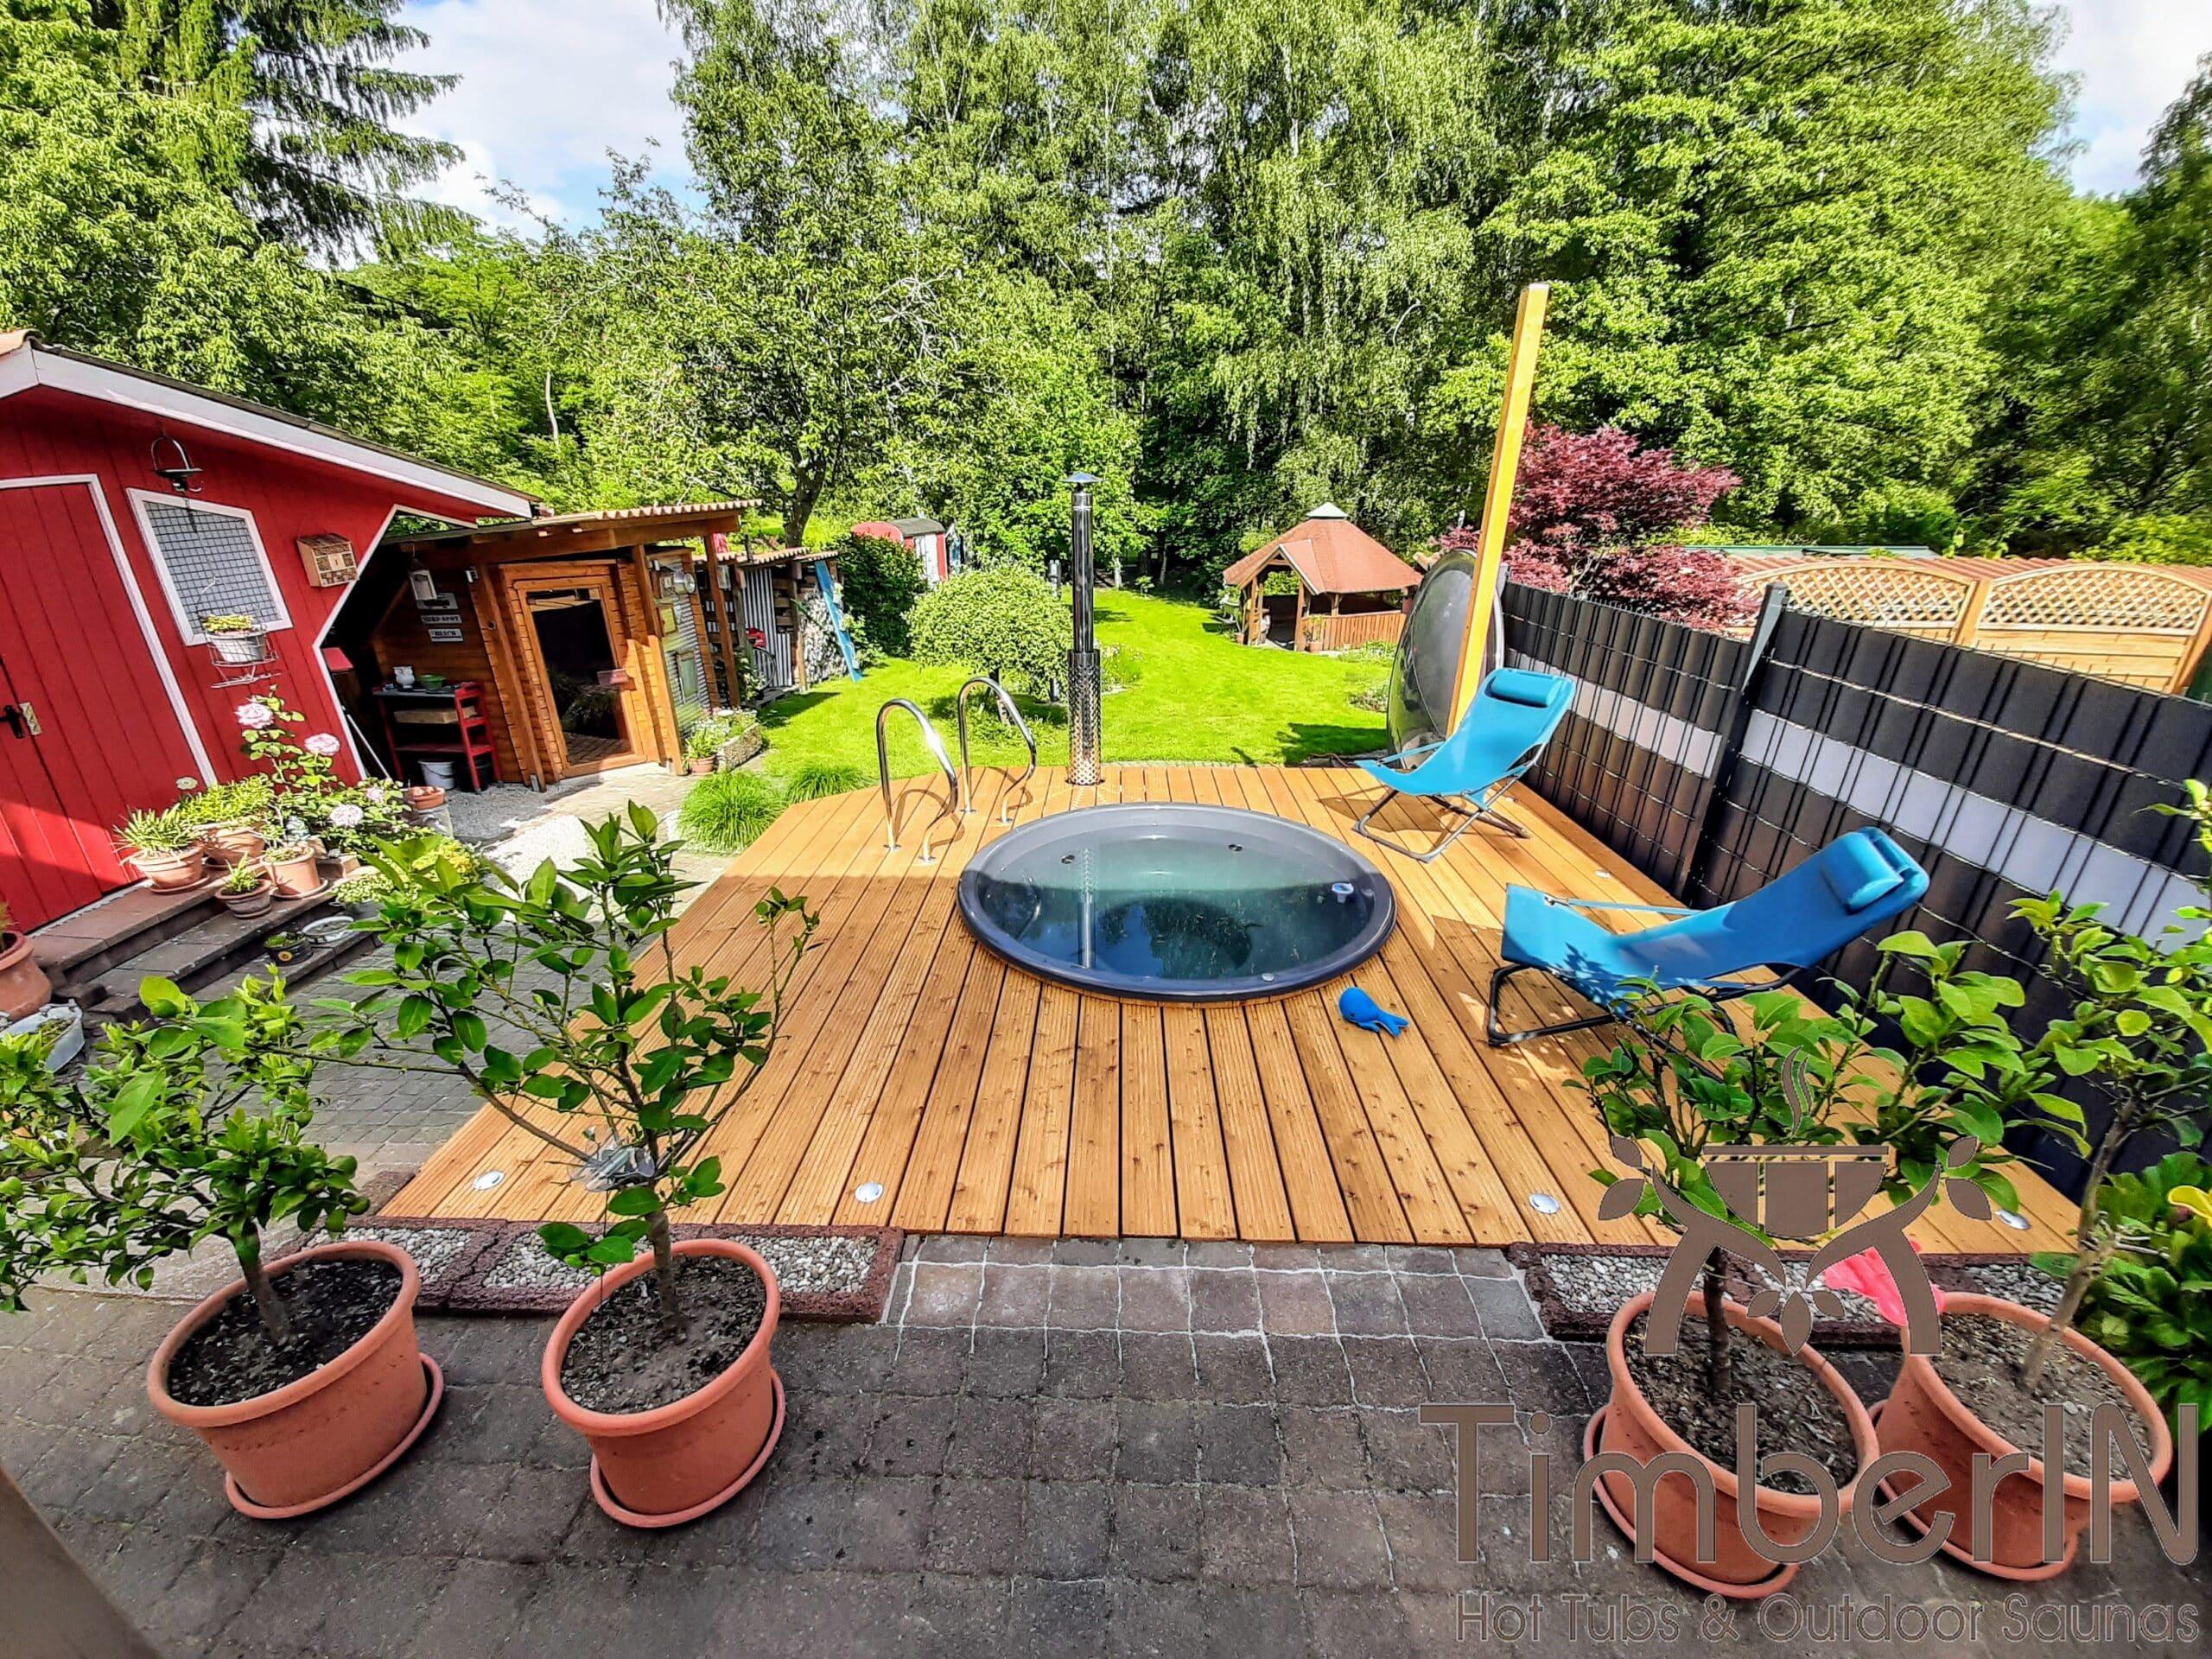 Badezuber Badefass Einbaumodell Einsatz Eingraben Eingelassen 1 3 scaled